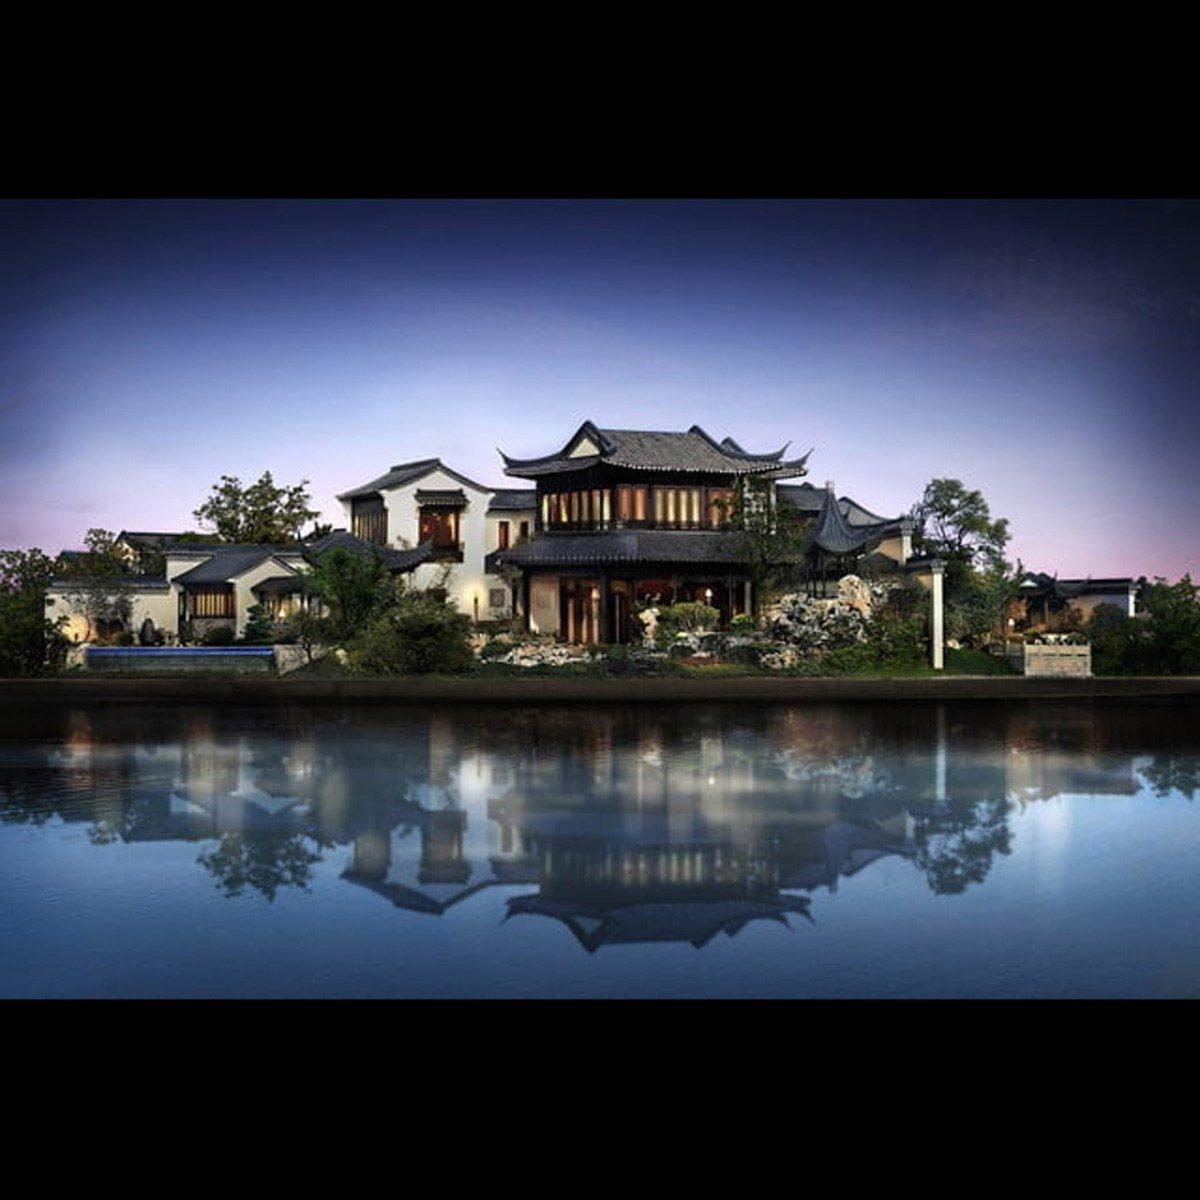 taohuayuan biggest house in China